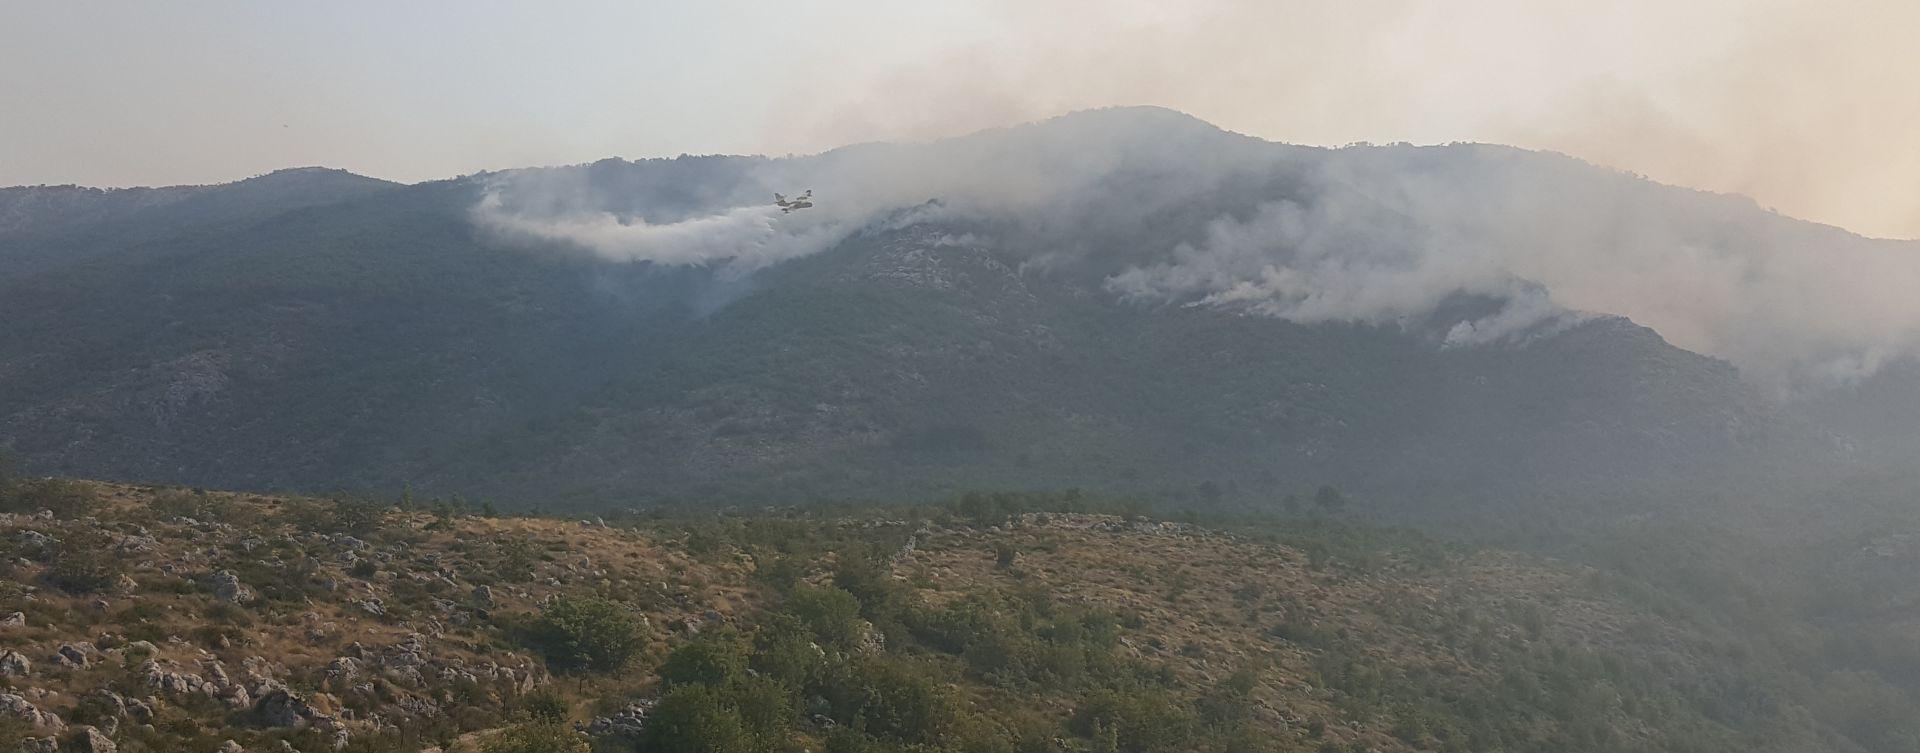 Požar u Konavlima pod nadzorom, još uvijek mjestimično ima otvorenog plamena